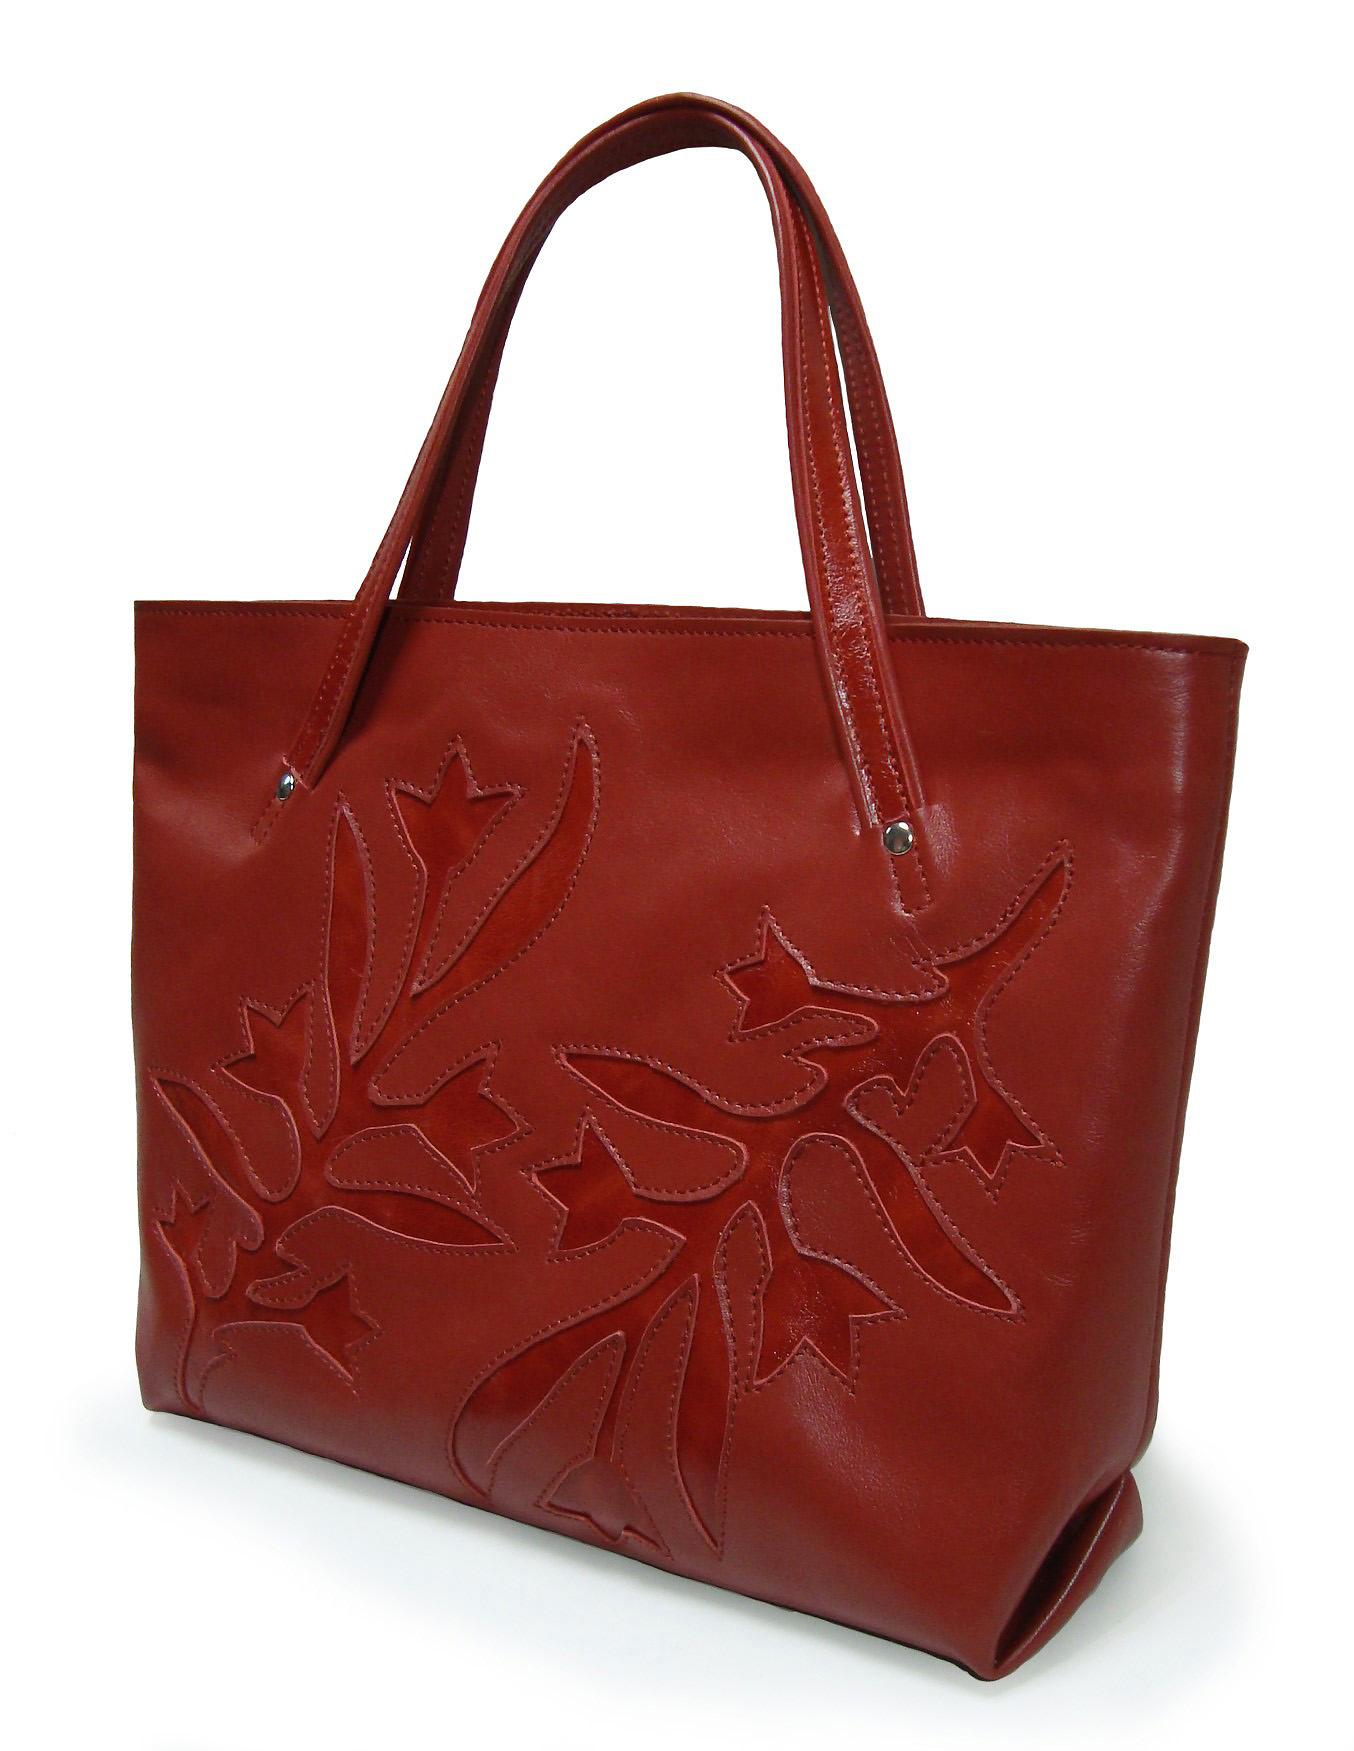 Сумка Модель № 20-4Сумки и др. изделия из кожи<br>Высота сумки:29 см<br>Ширина сумки:40 см<br>Ширина дна:9 см<br>Длинна ручек:50 см<br><br>Тип: Сумка<br>Размер: -<br>Материал: Натуральная кожа